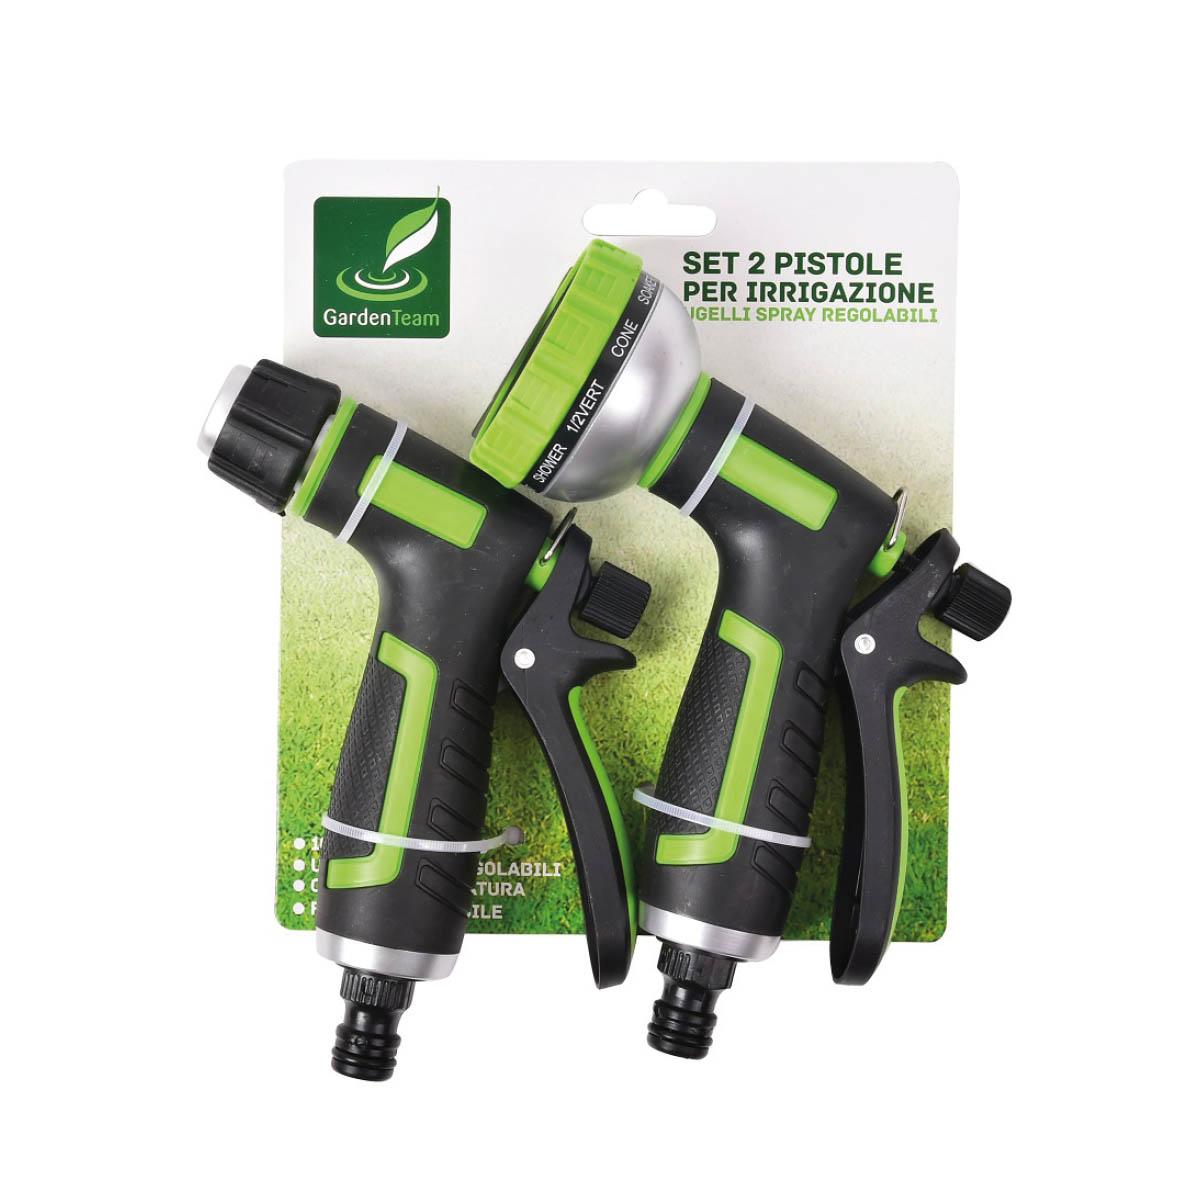 Set 2 pistole per irrigazione